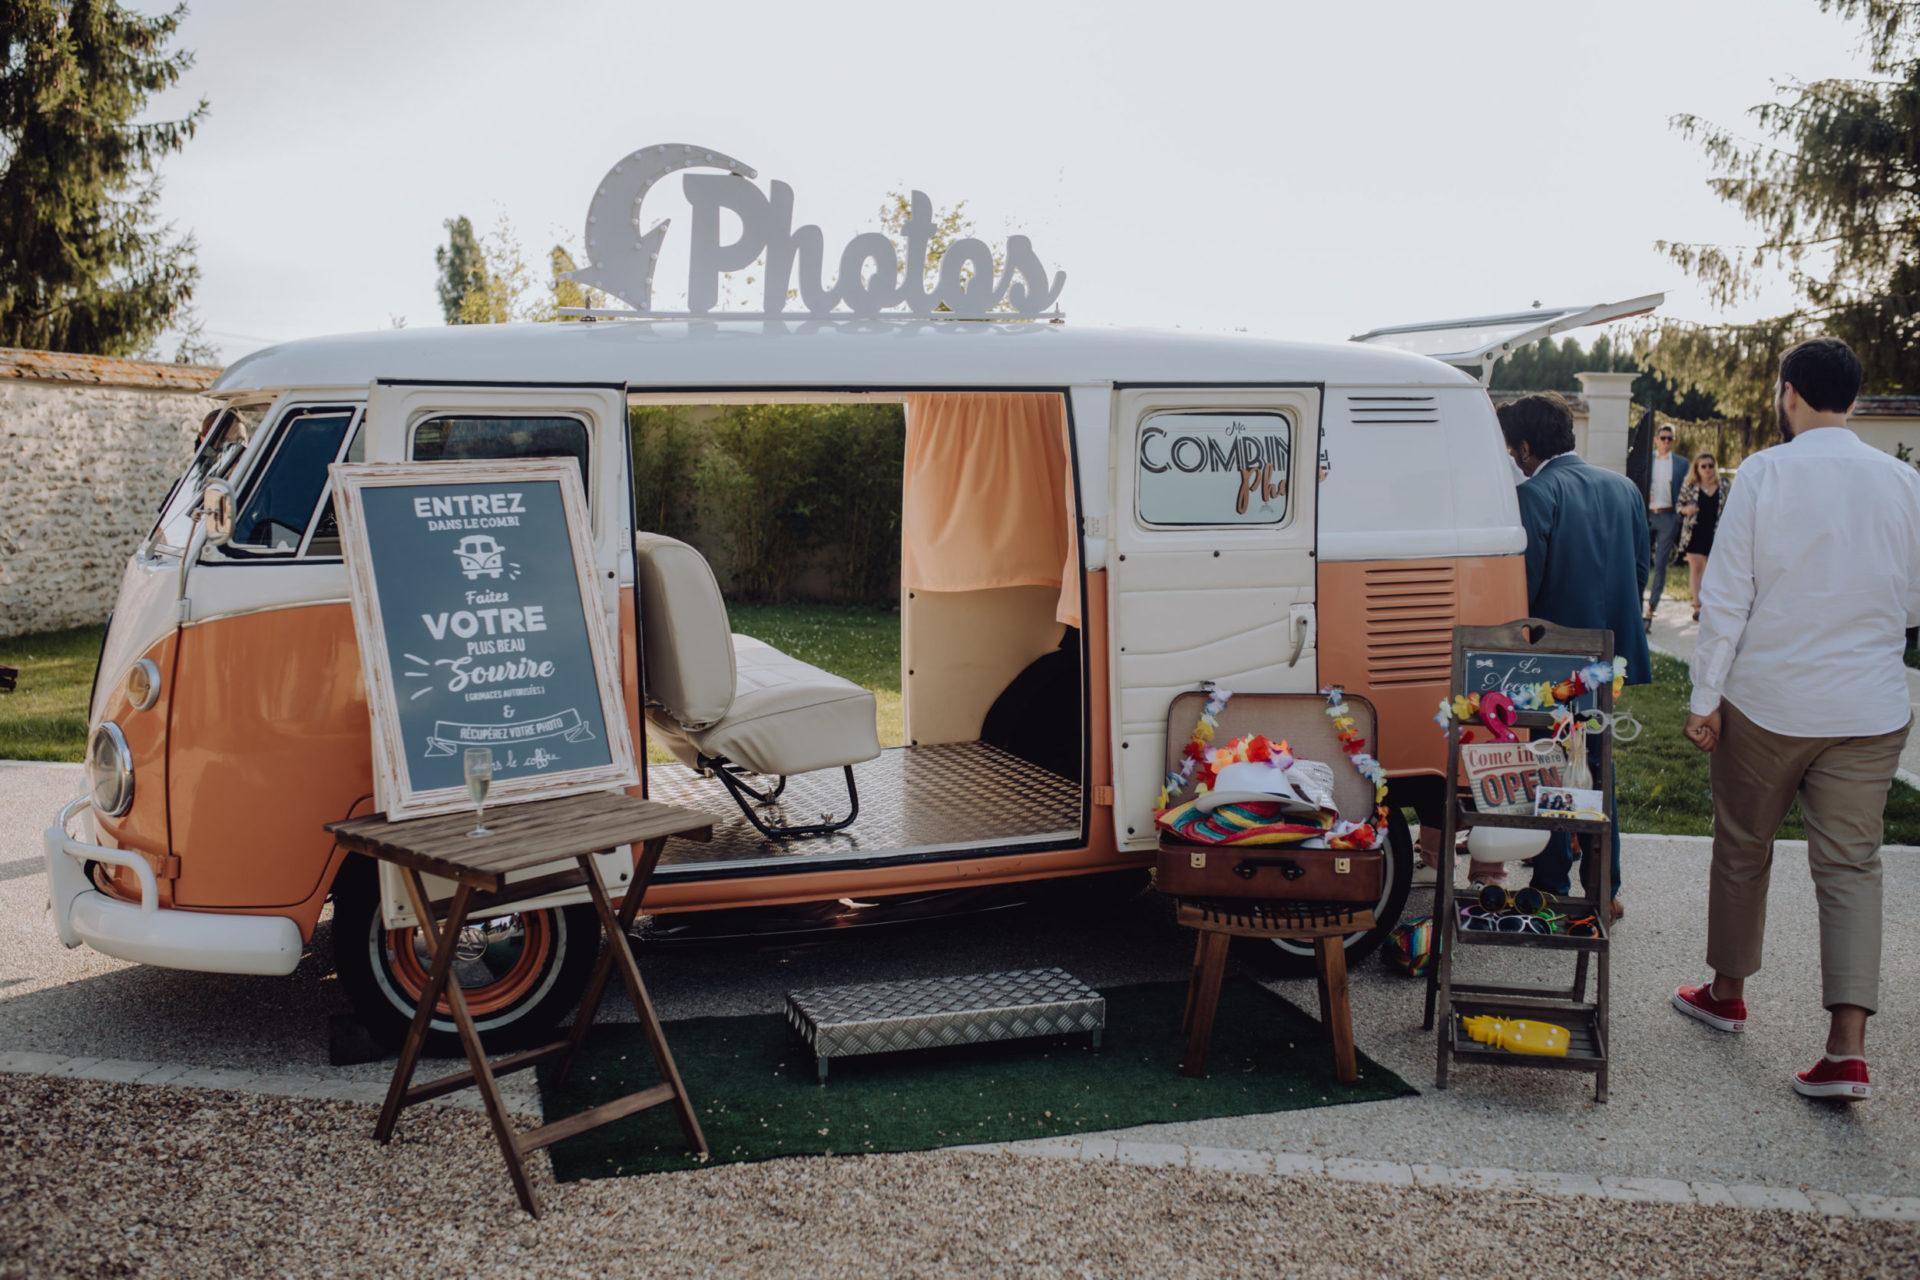 Photo Booth à La Thibaudière par Alexandra Maldémé